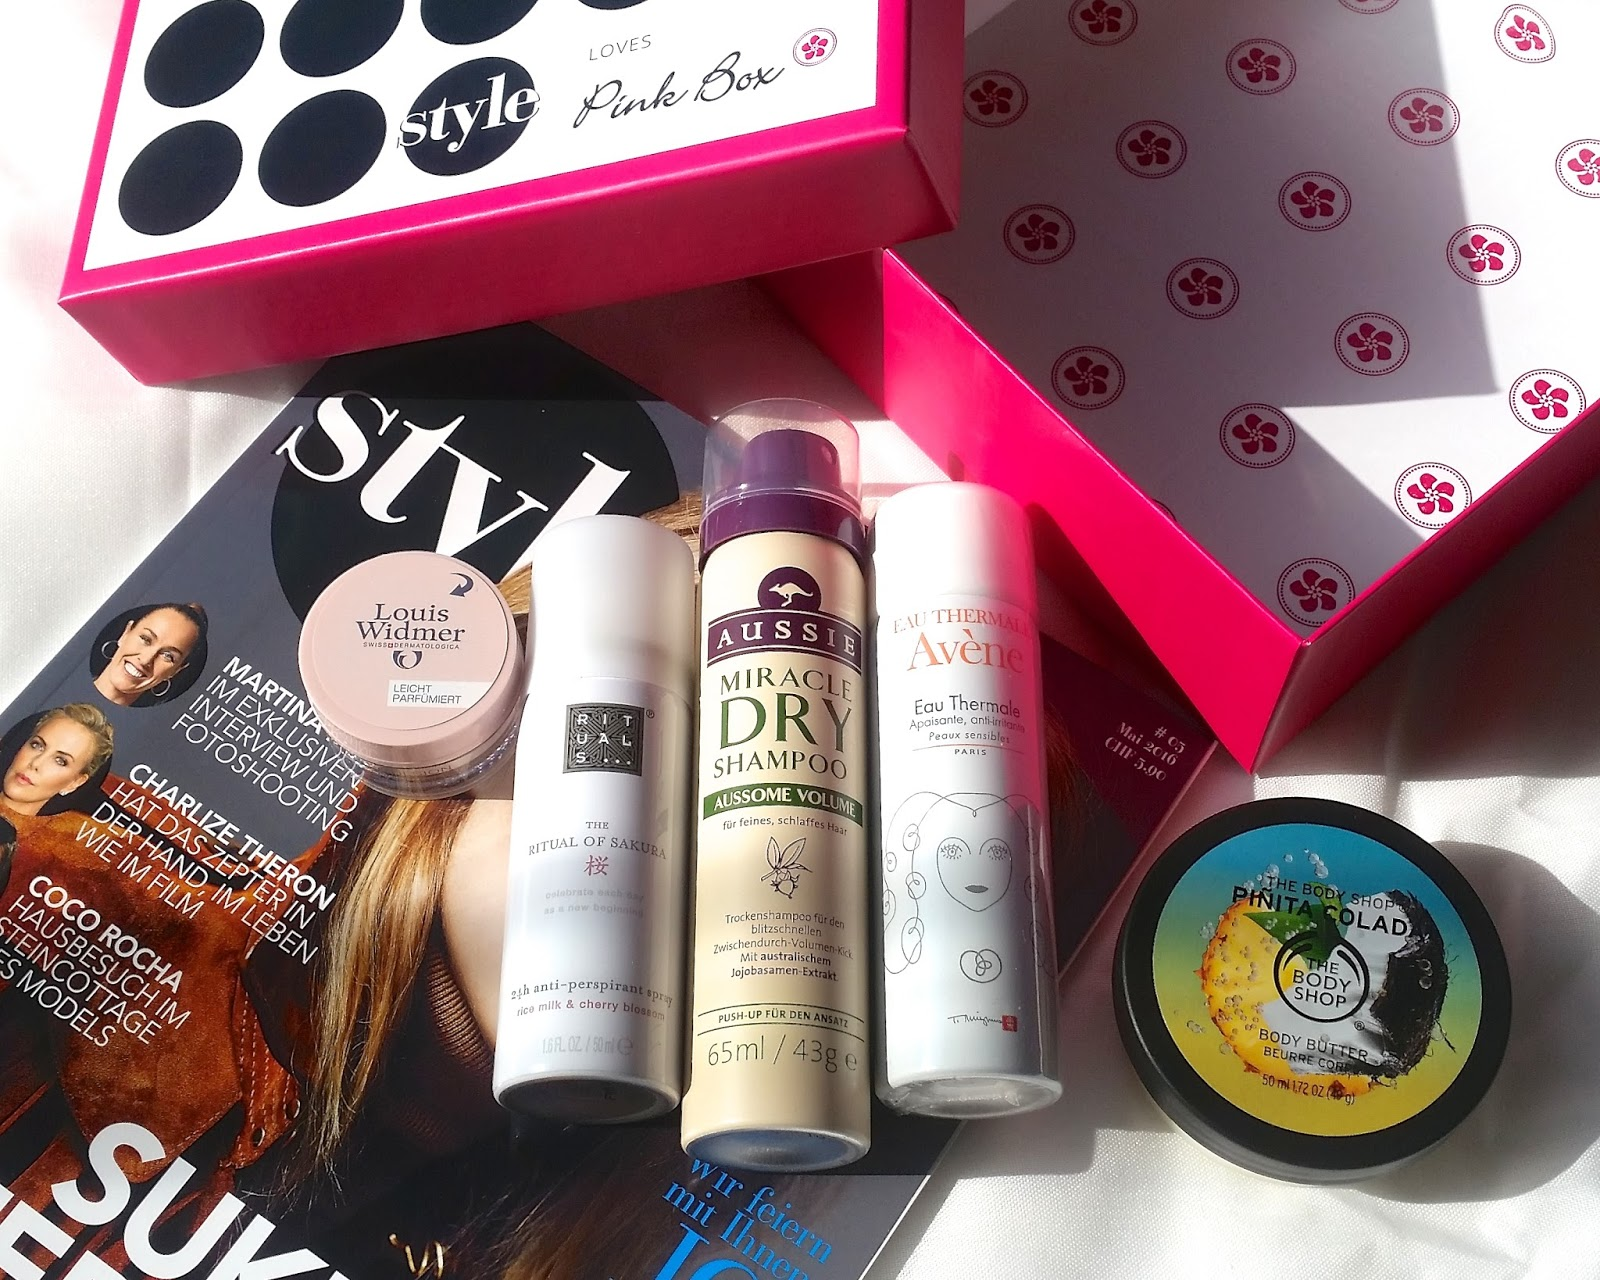 https://meinschminktisch.blogspot.ch/2016/05/style-loves-pink-box.html